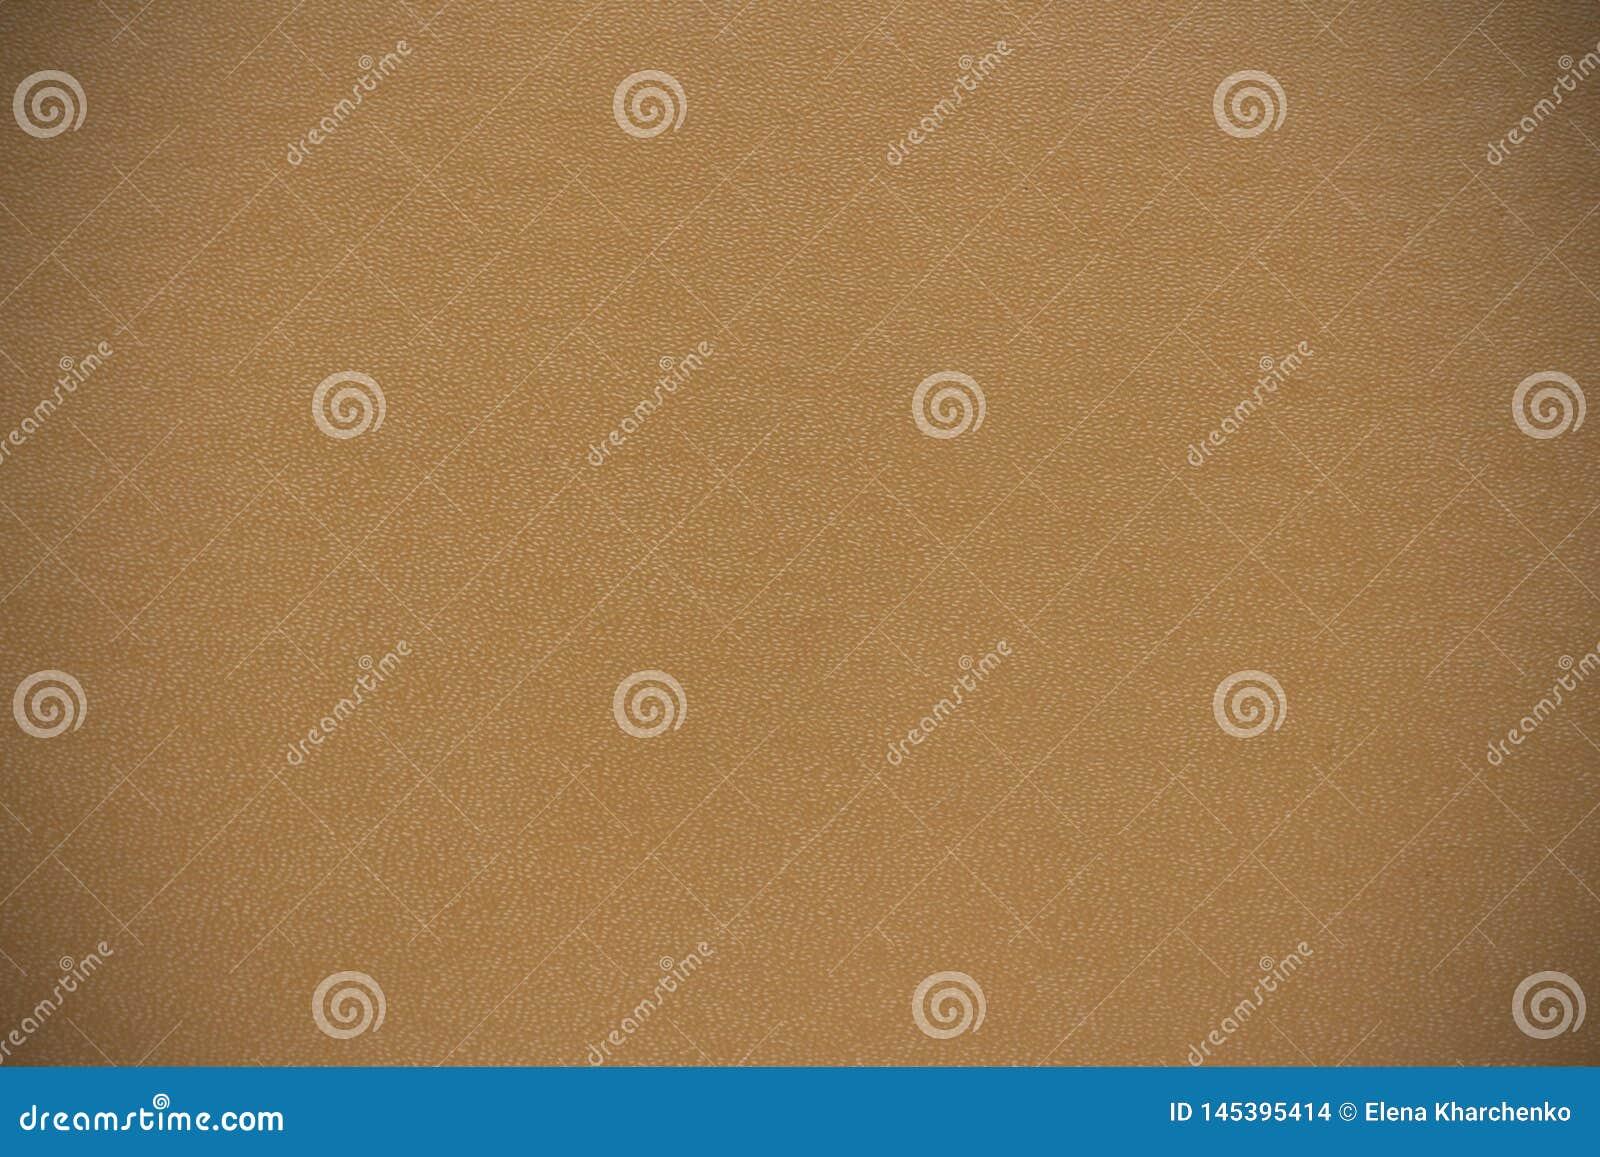 Текстура предпосылки сделана из виньетки обложки книги бежевой